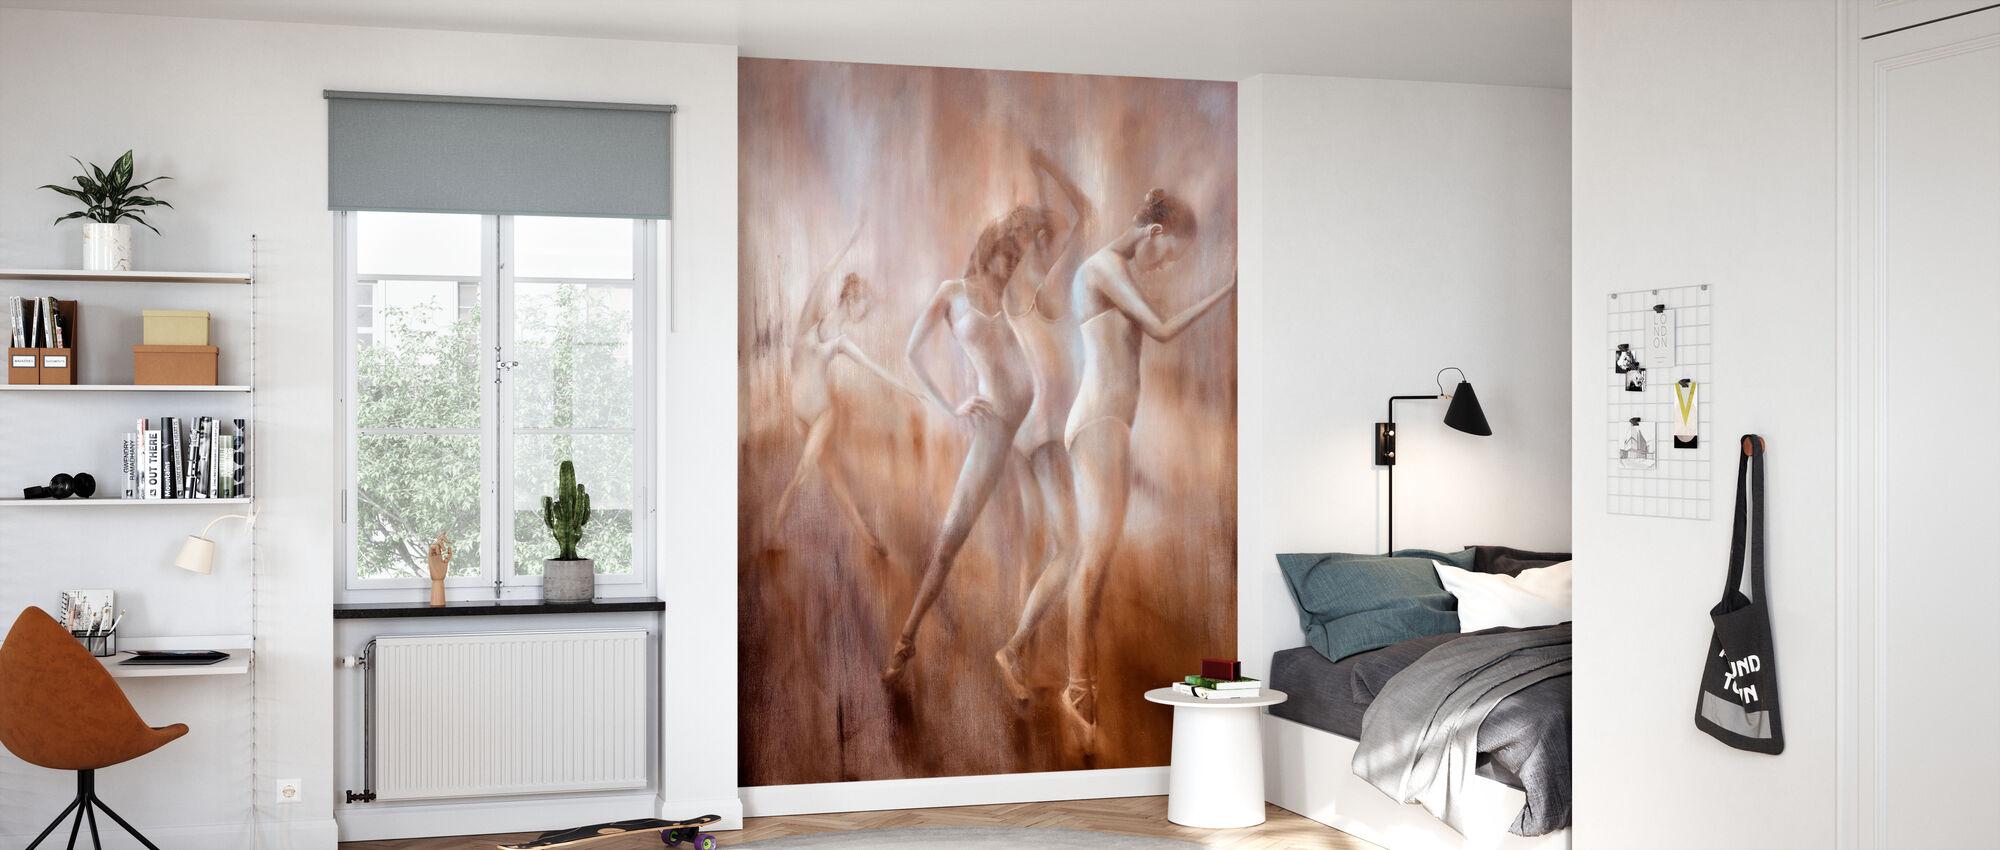 Dancers - Wallpaper - Kids Room